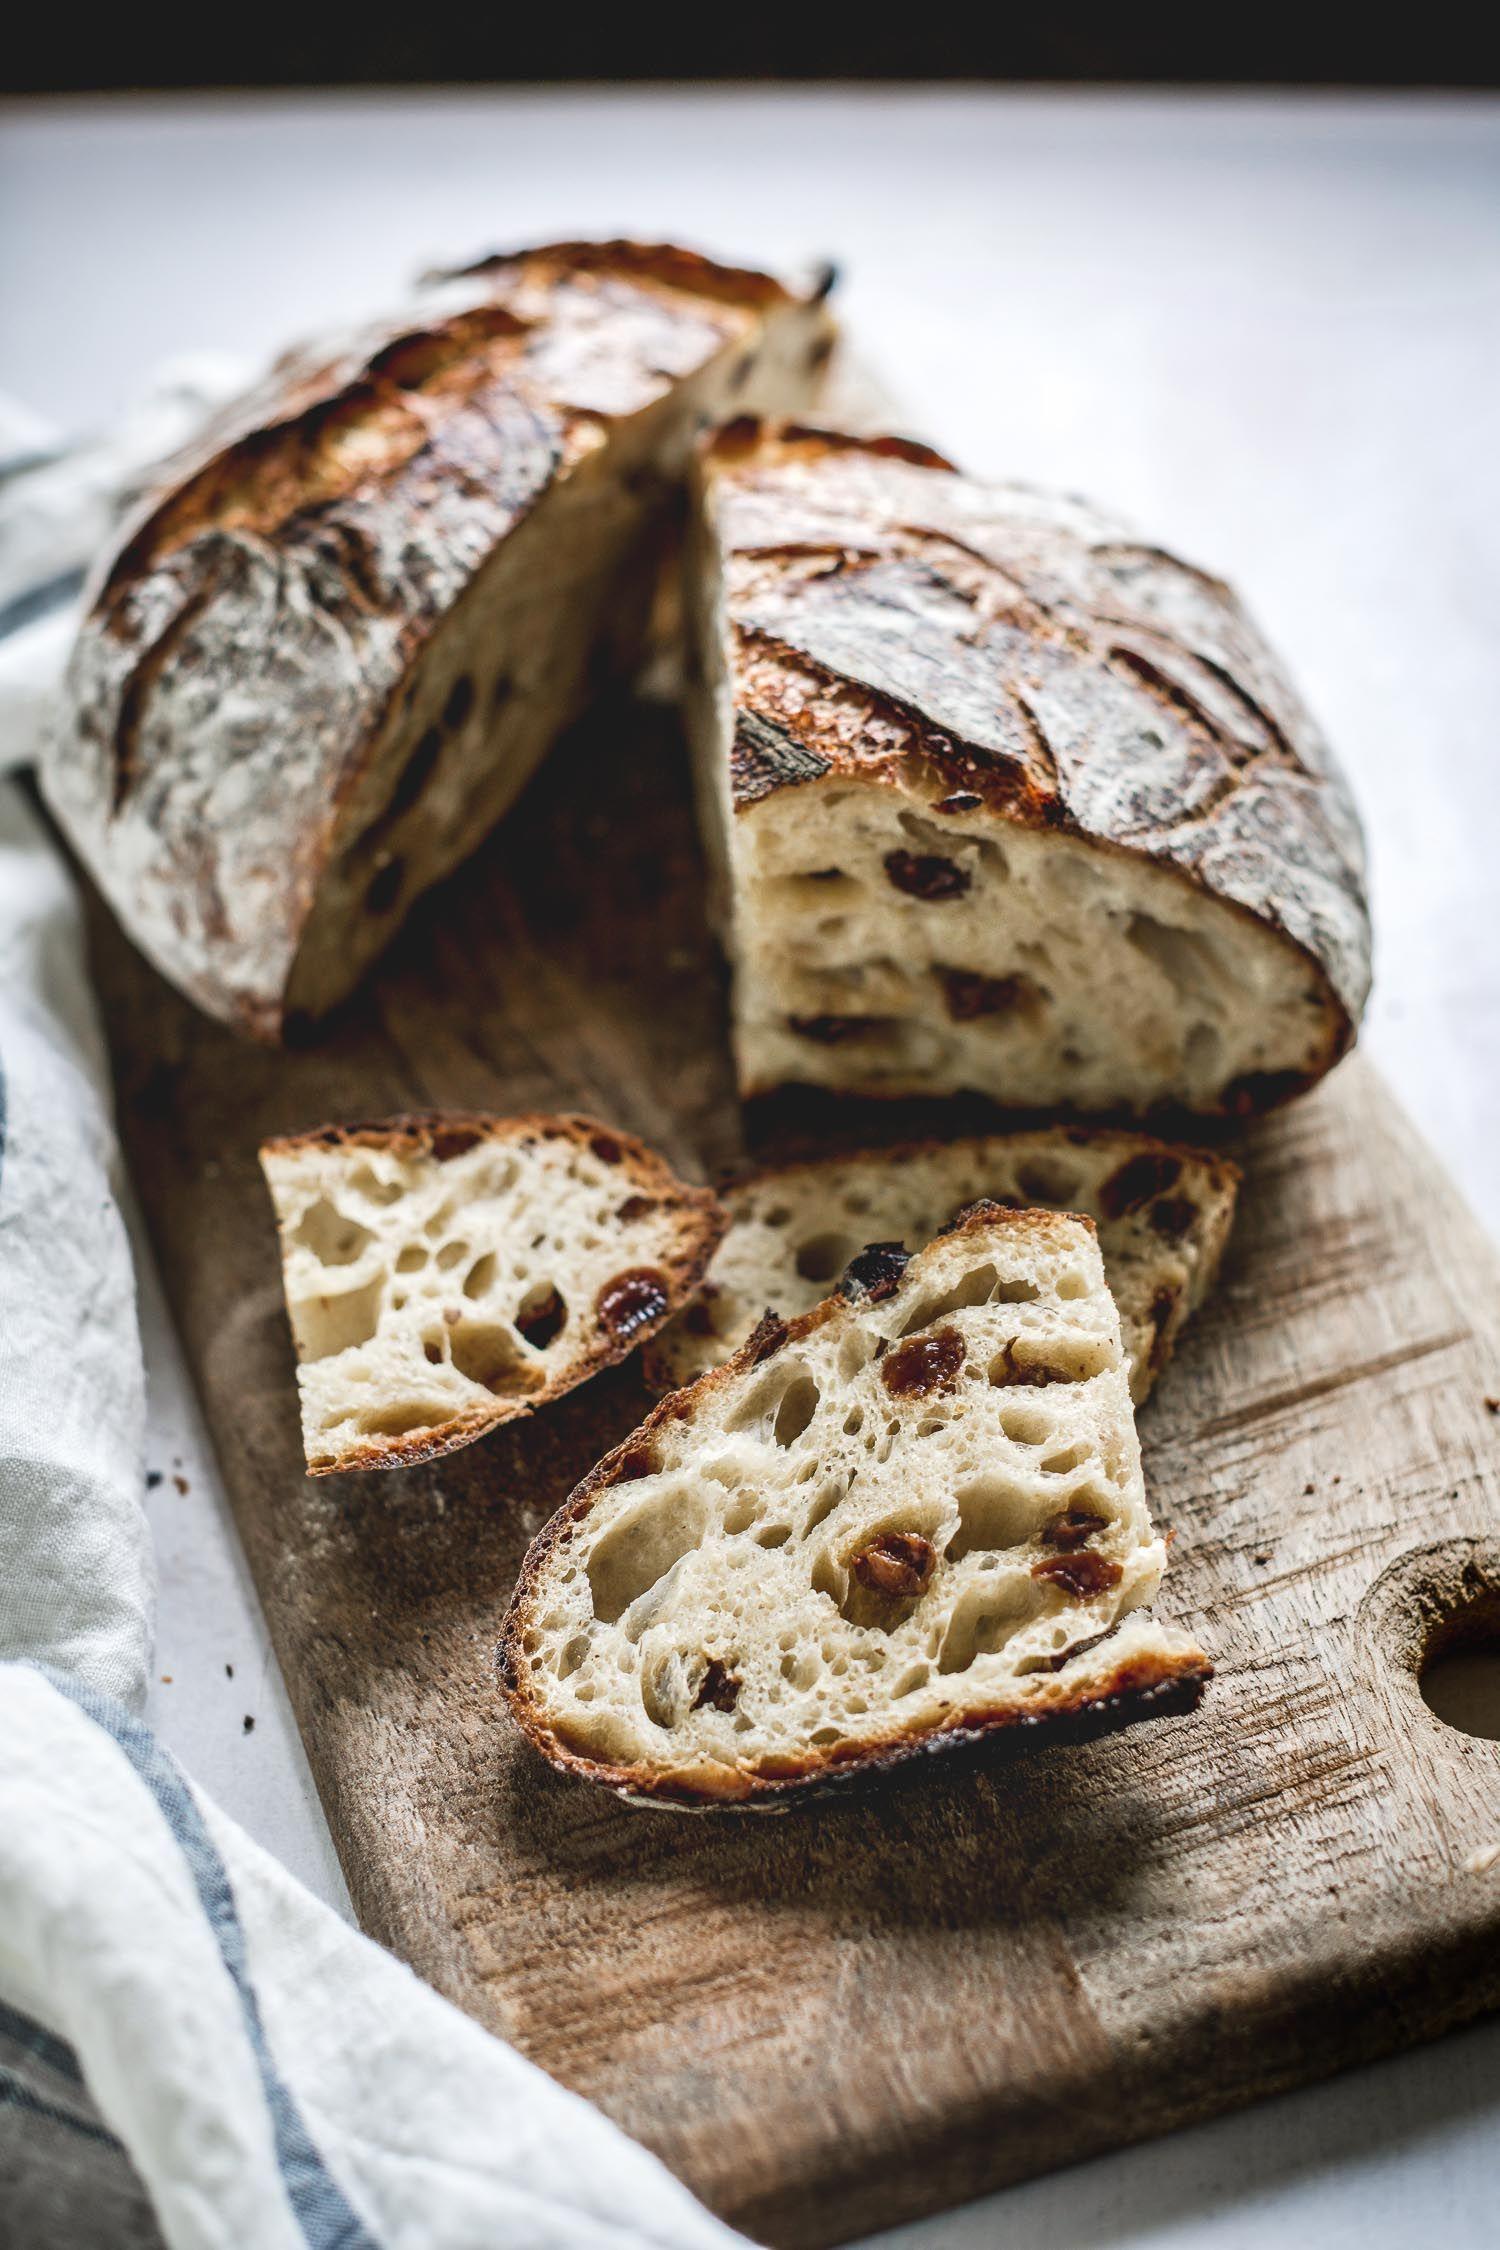 Orange-Raisin No-Knead Sourdough Bread | Recipe in 2020 ...